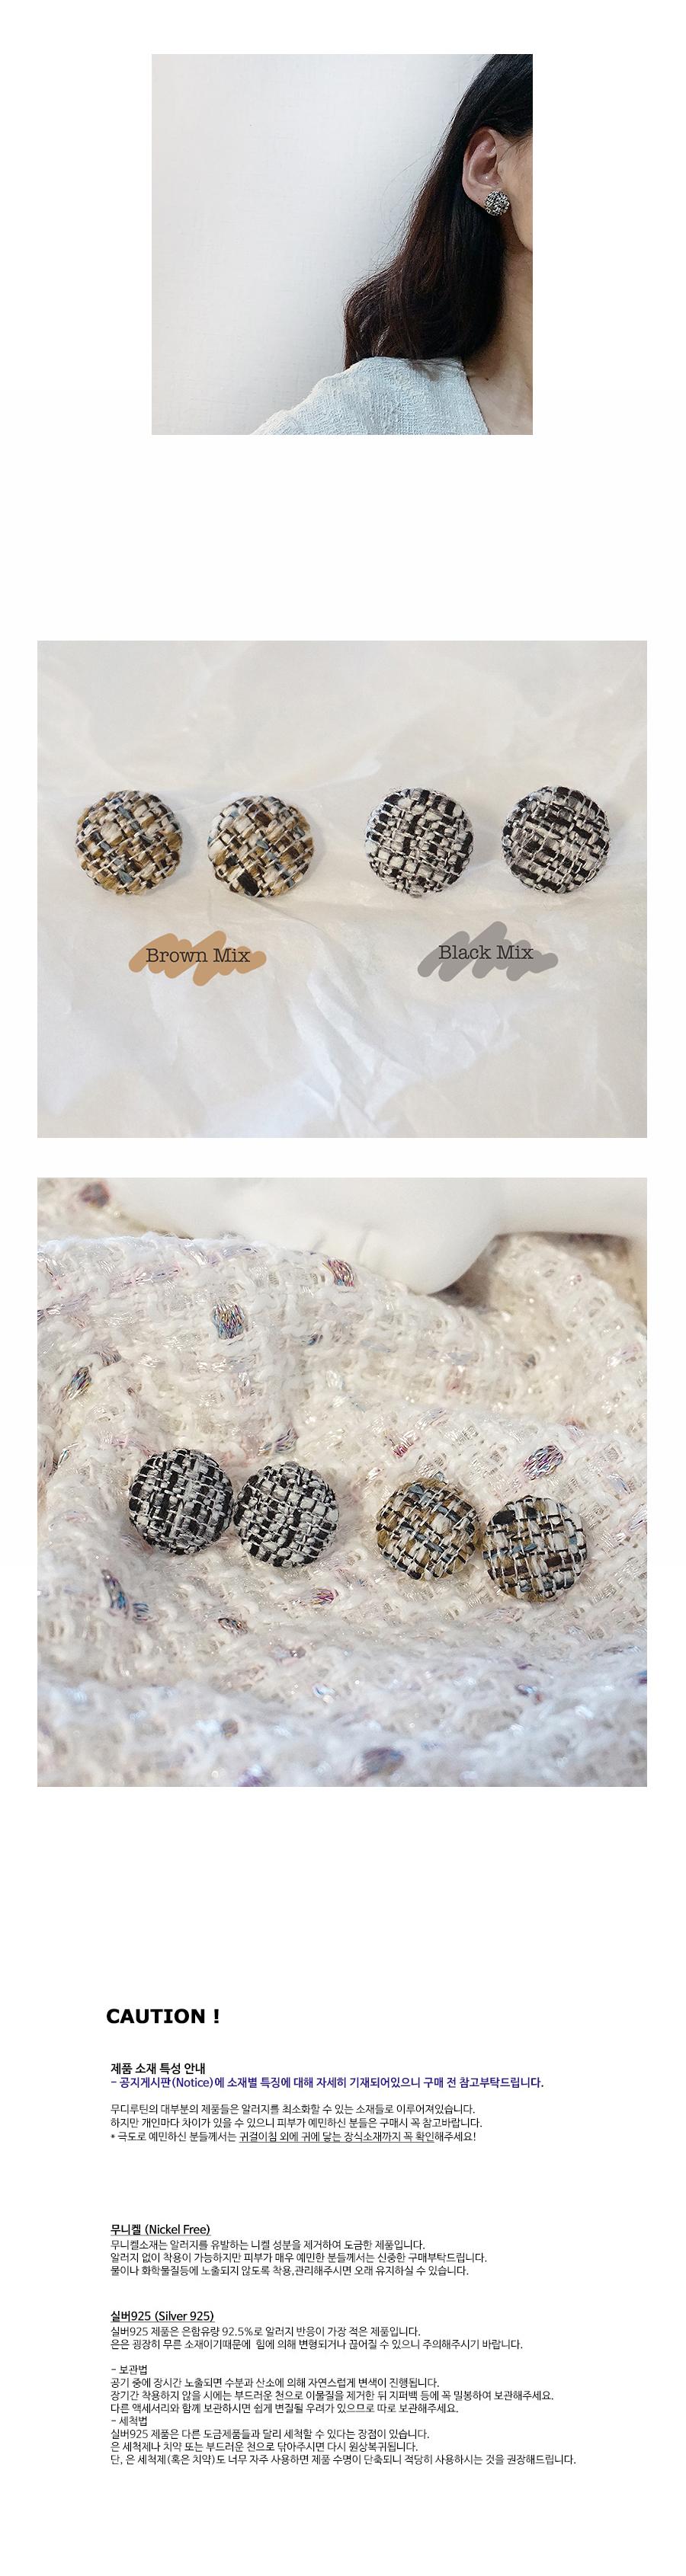 트위드 버튼 귀걸이 (2colors) - 무디루틴, 8,500원, 실버, 볼귀걸이